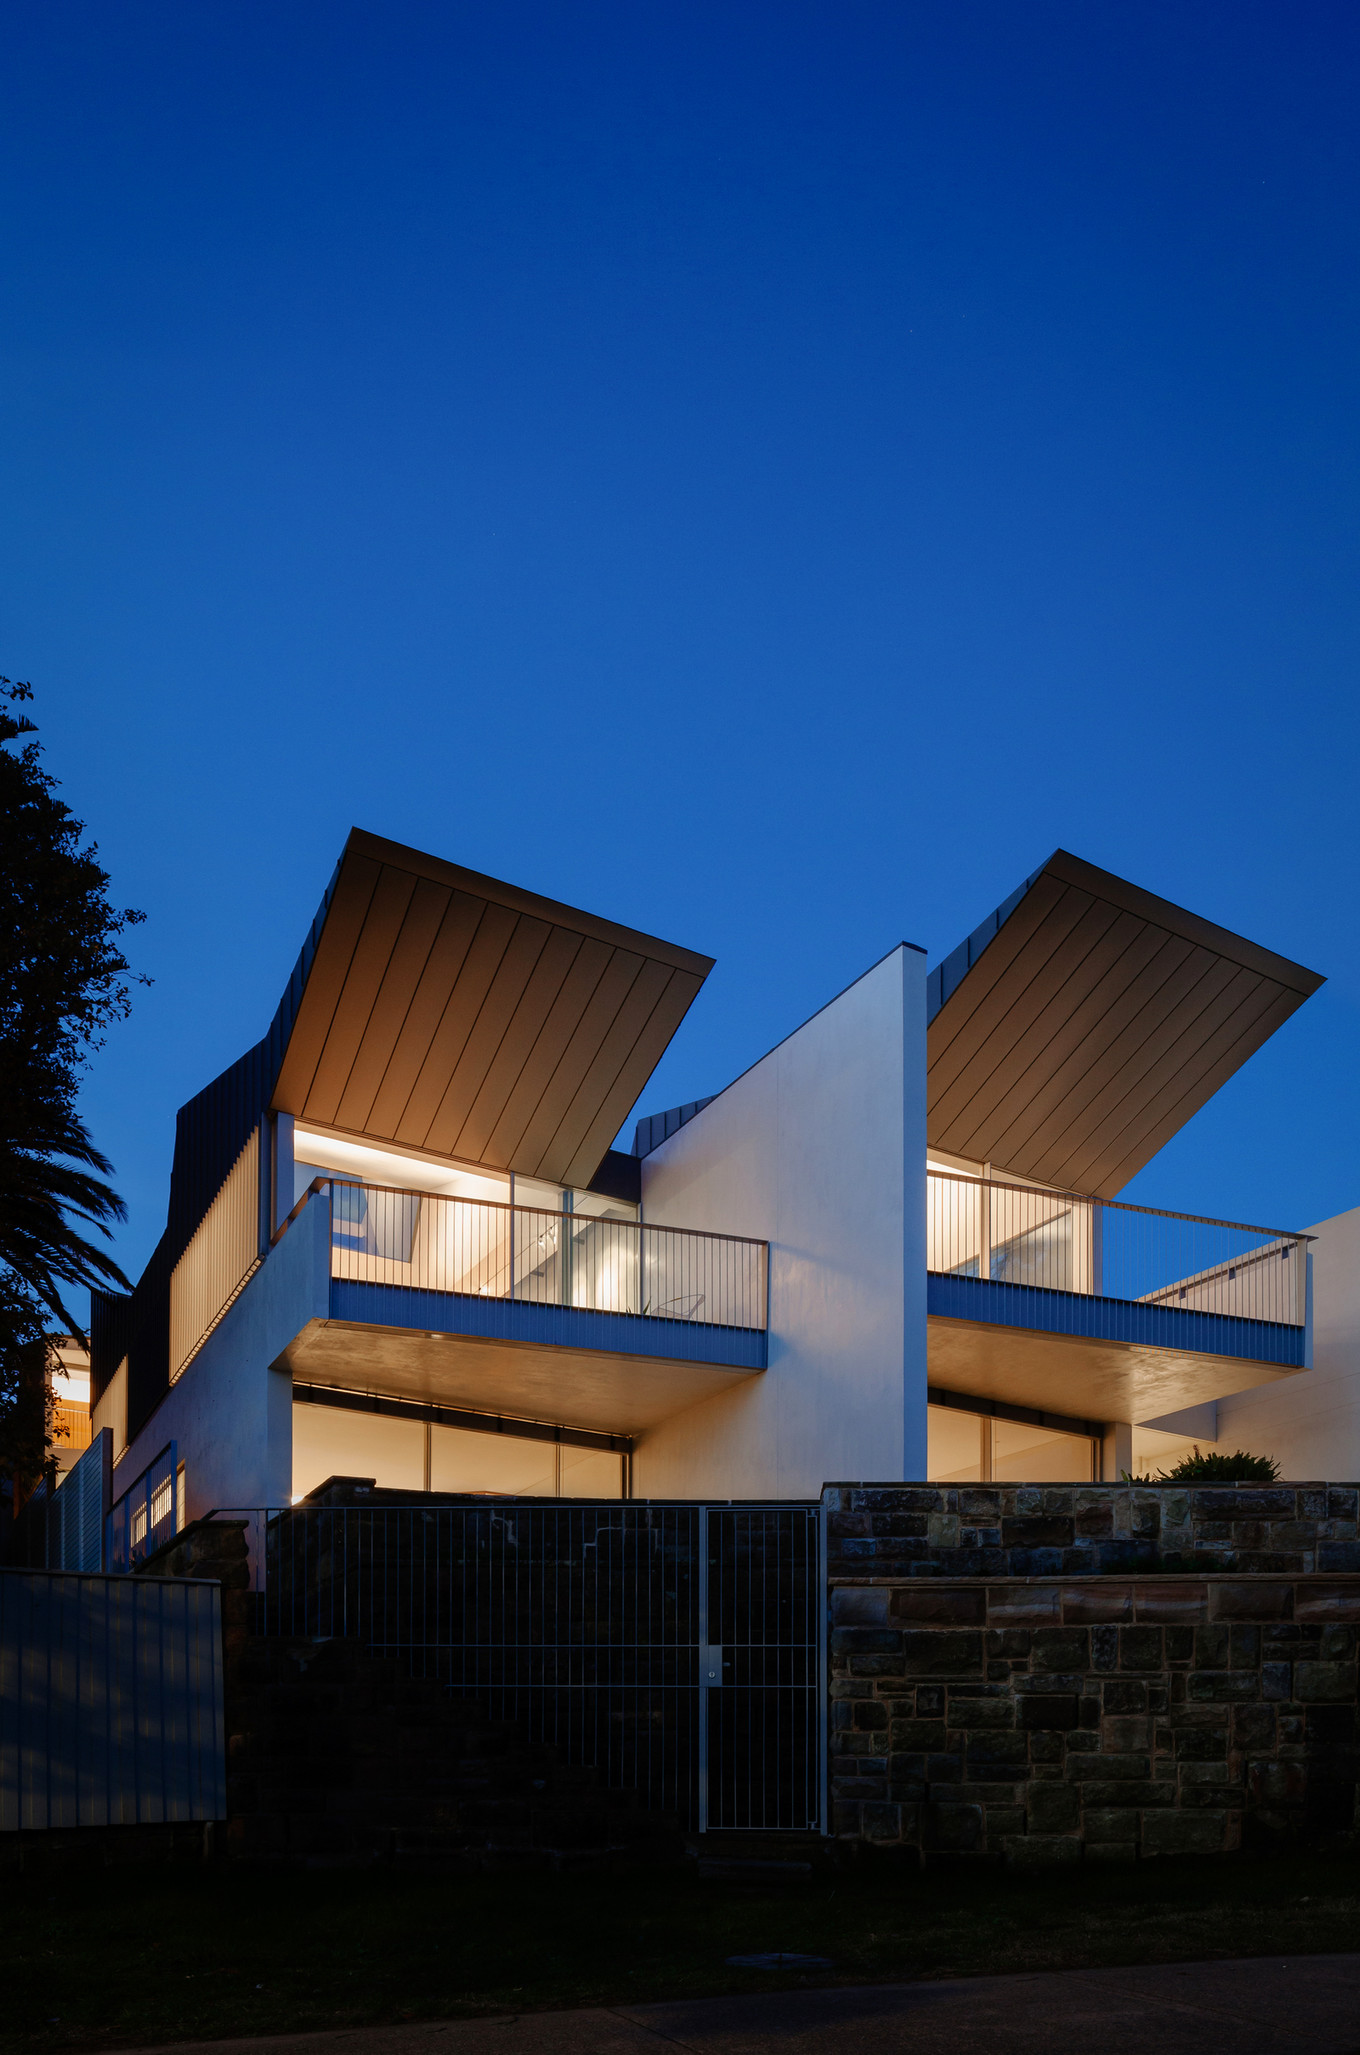 Внешний вид узкого двухэтажного дома